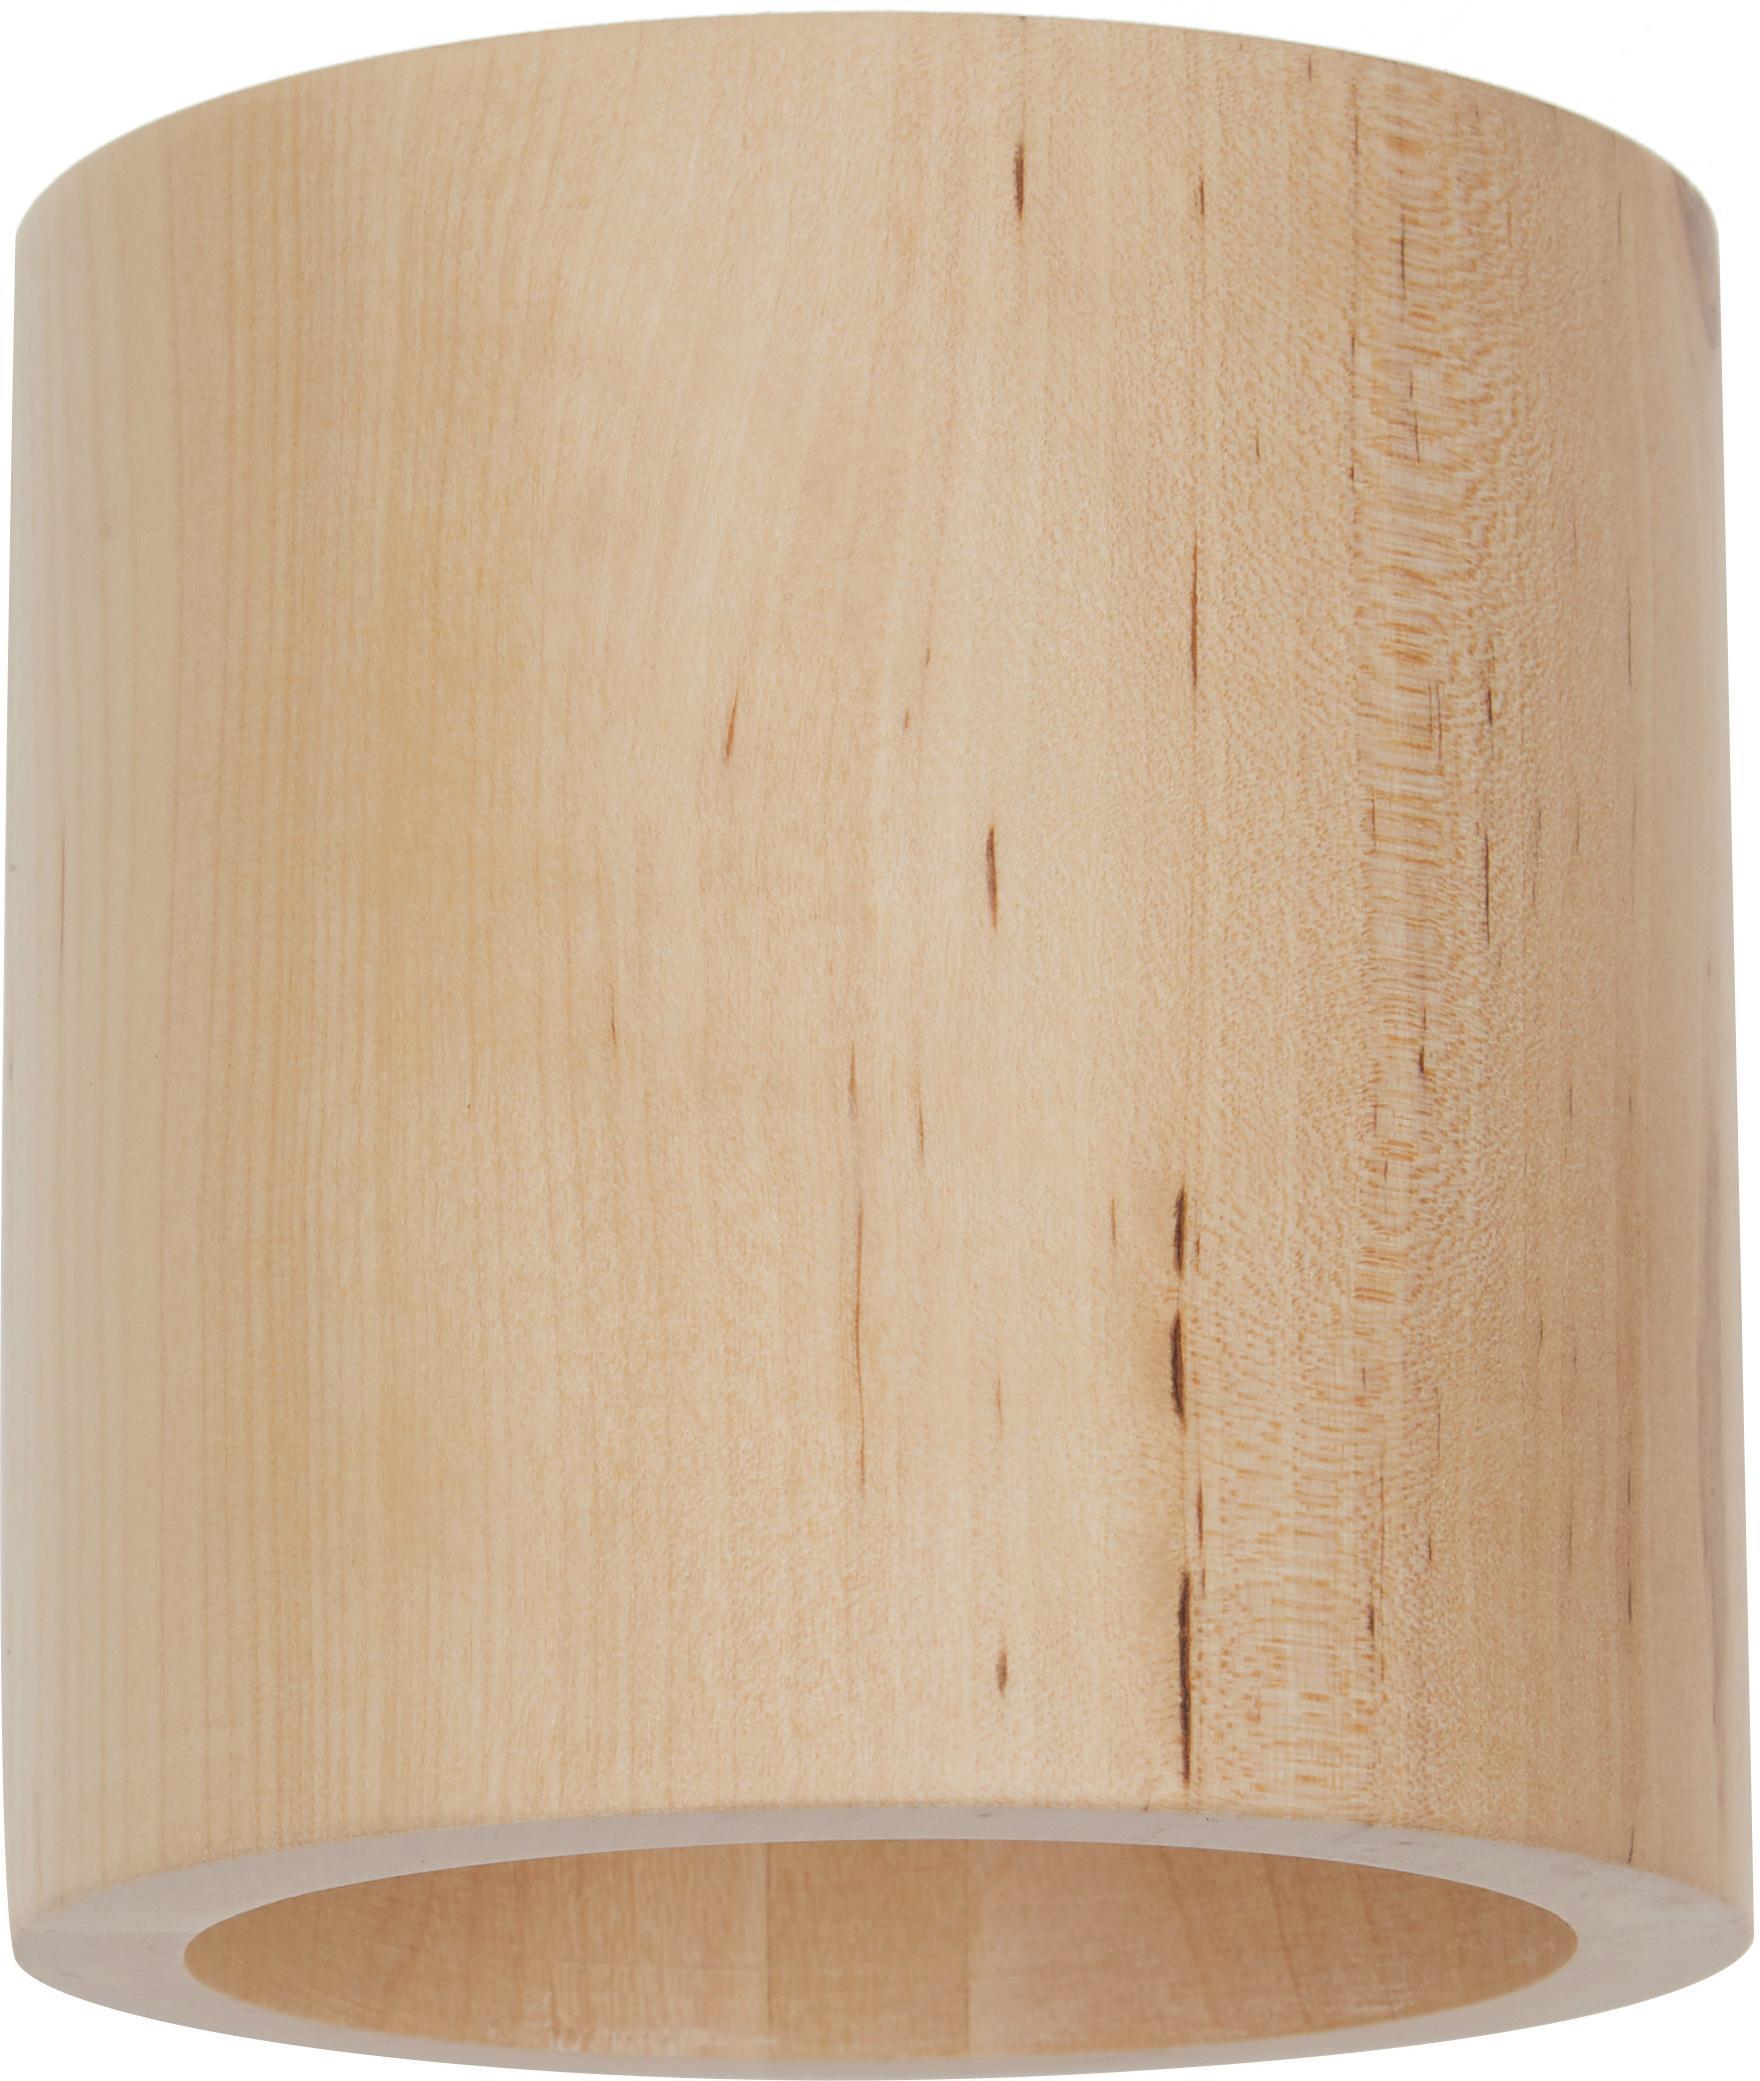 Wandleuchte Roda aus Holz, Holz, Hellbraun, 10 x 10 cm